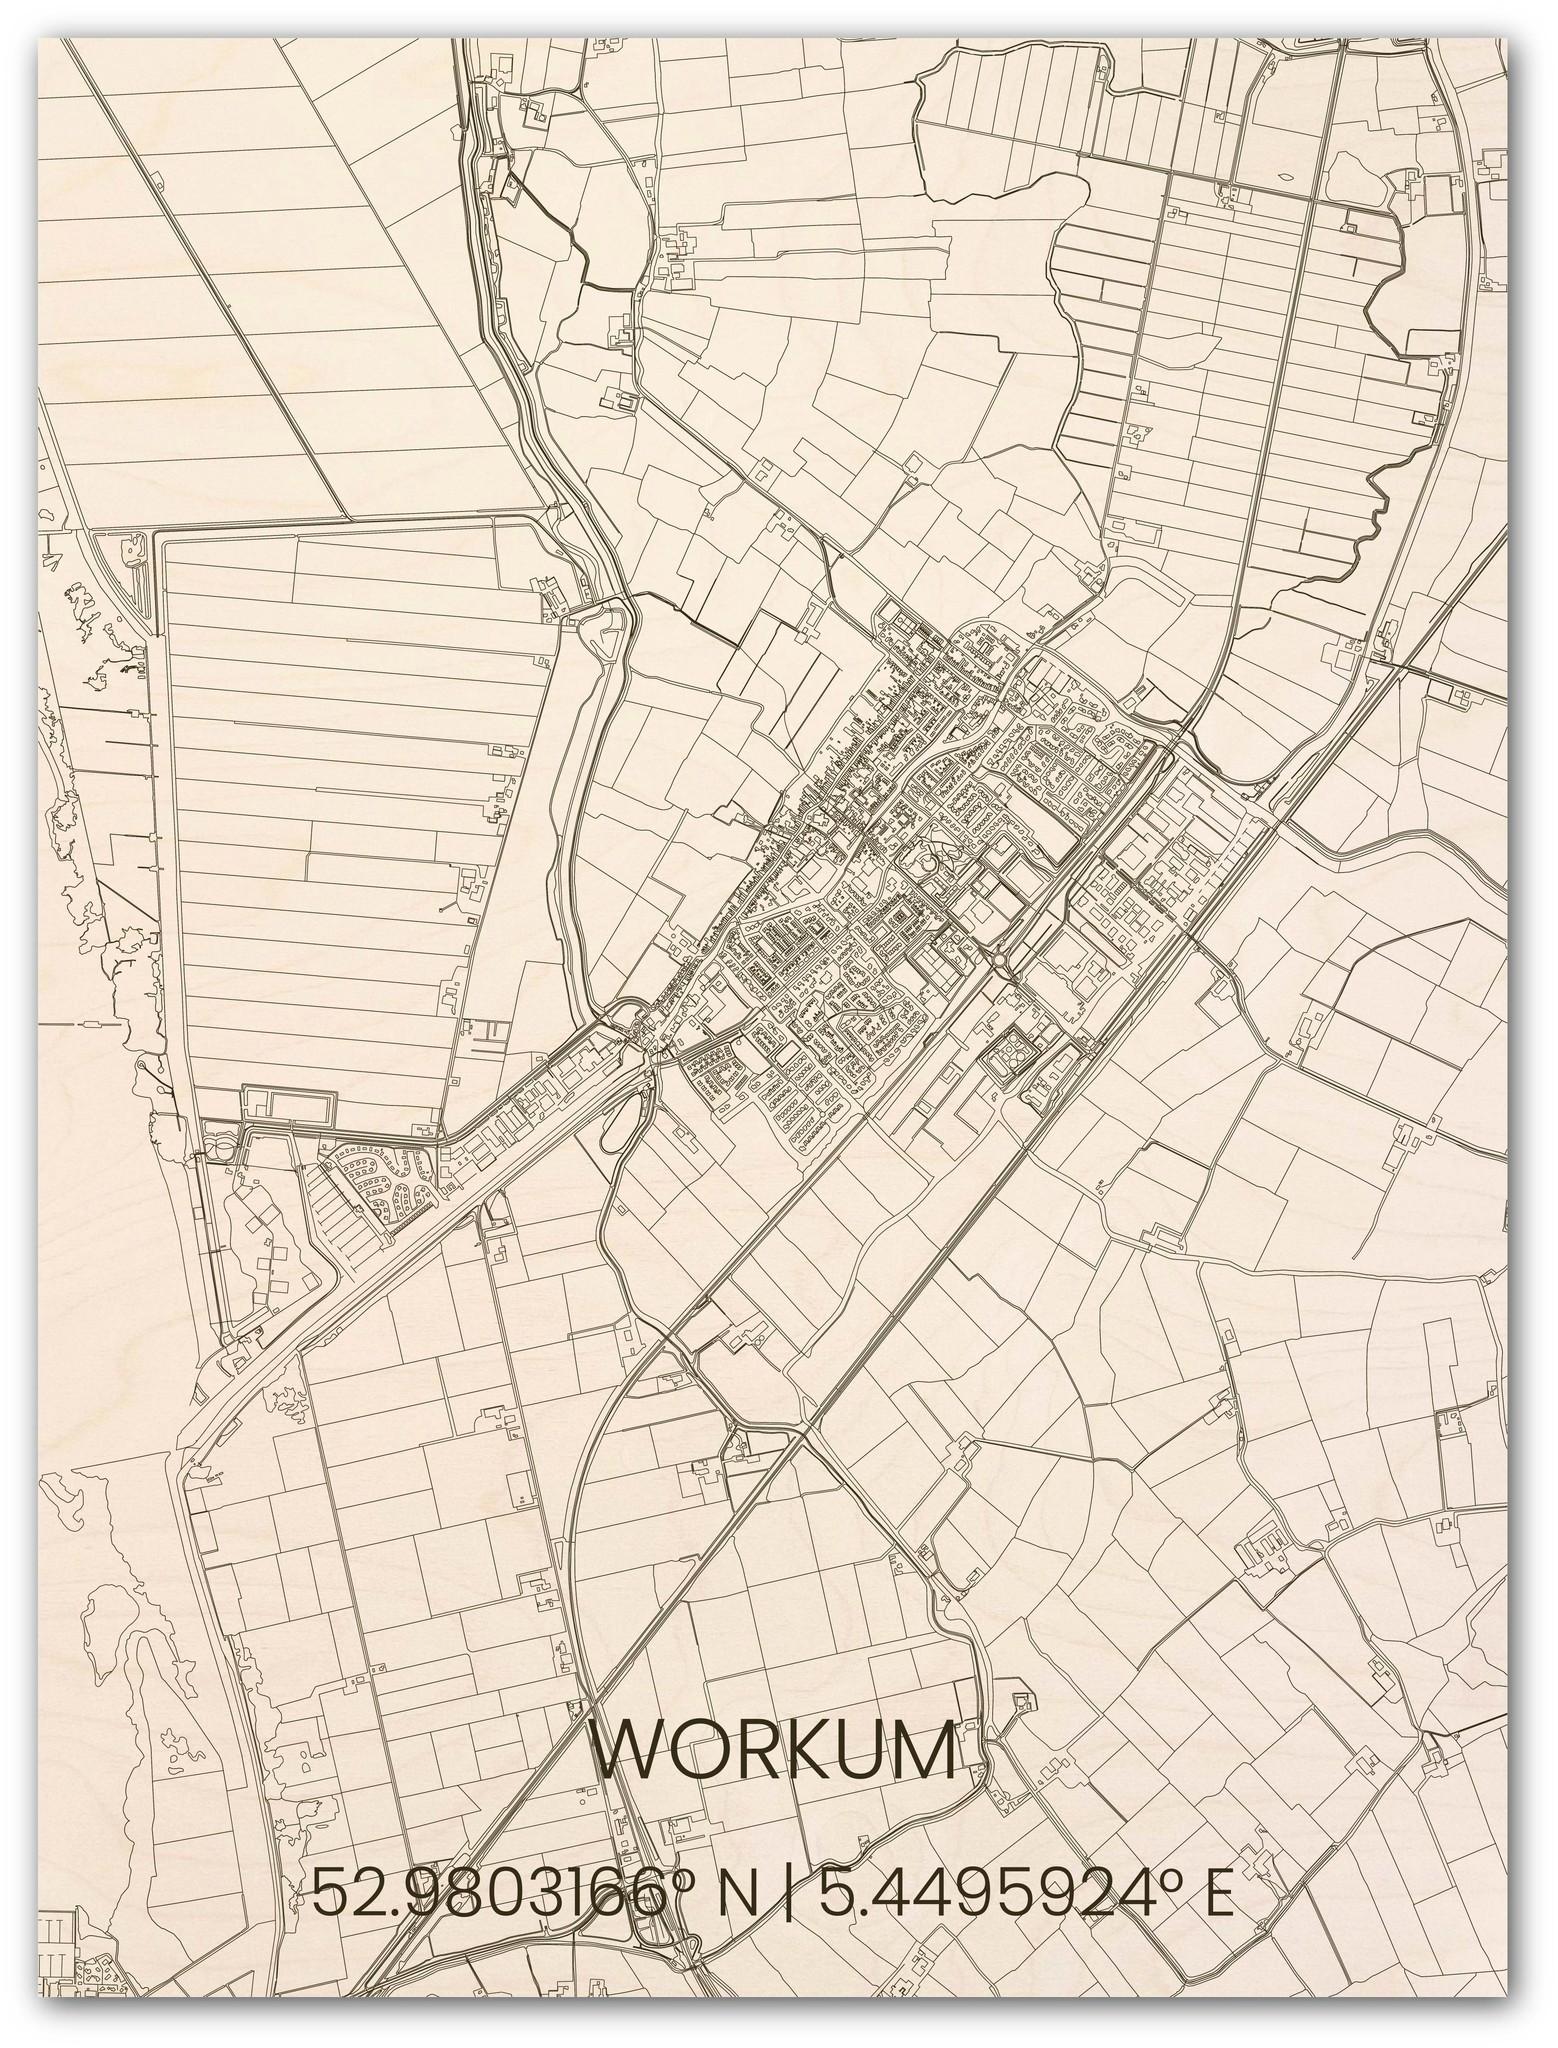 Houten stadsplattegrond Workum-1